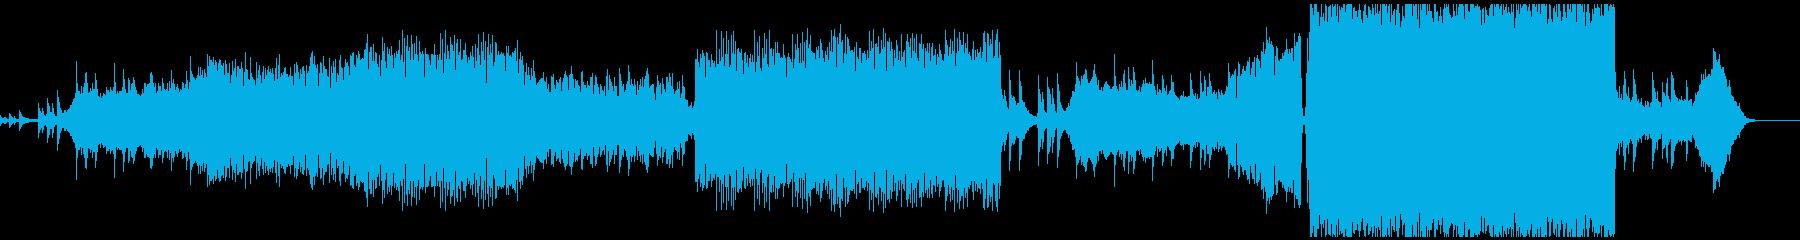 綺麗だけど少し暗めなプログレッシブハウスの再生済みの波形